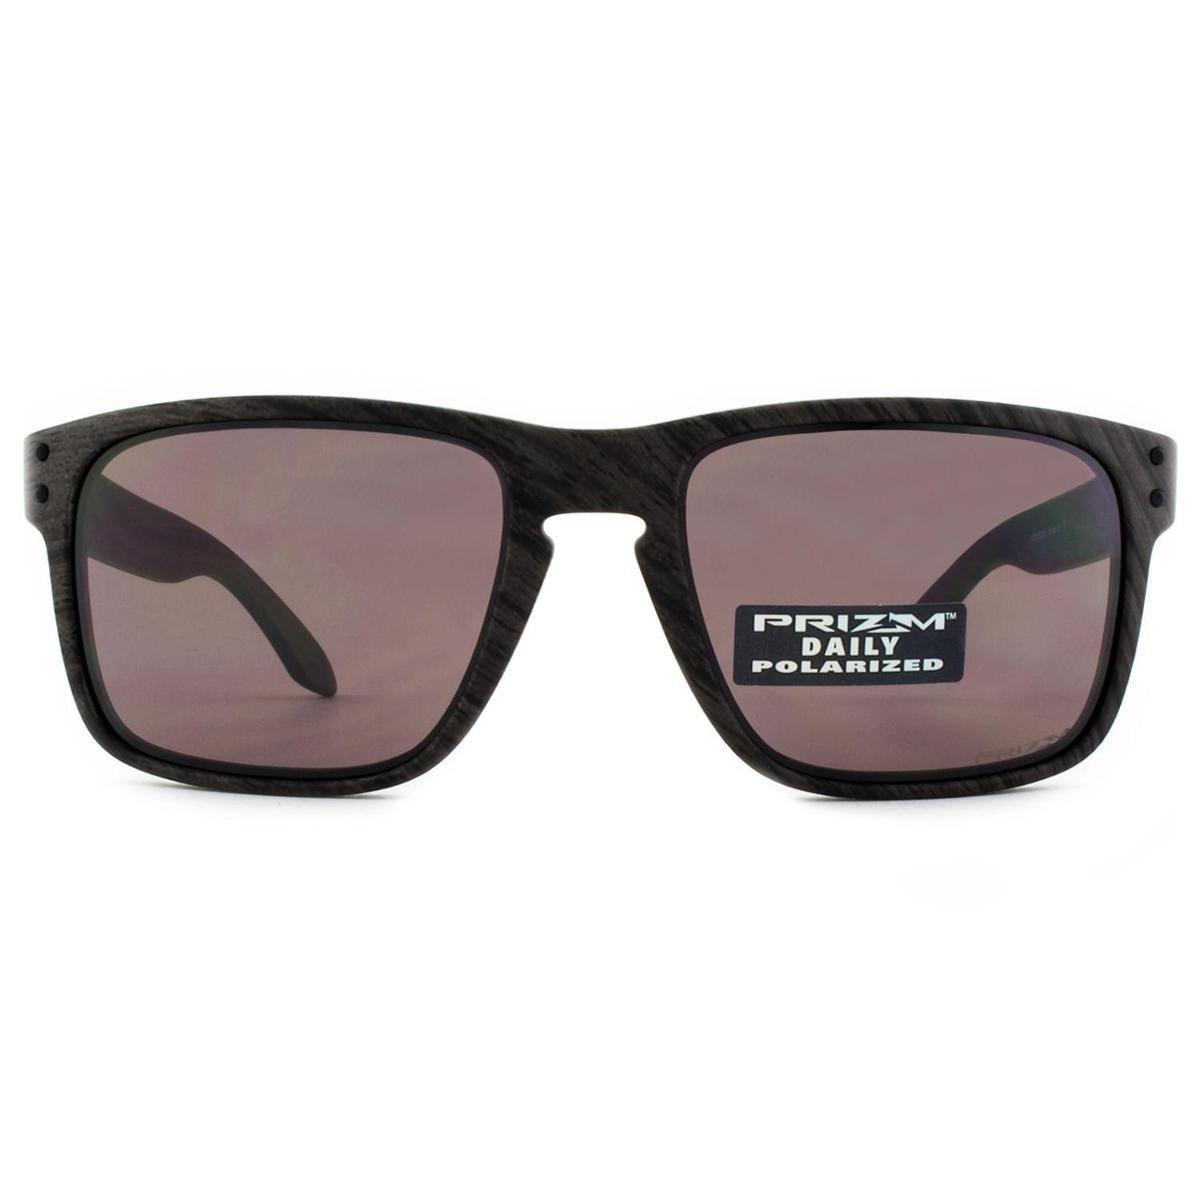 Óculos de Sol Oakley Holbrook Polarizado OO9102 B7-55 Masculino - Compre  Agora   Netshoes bf2c7fa1ca